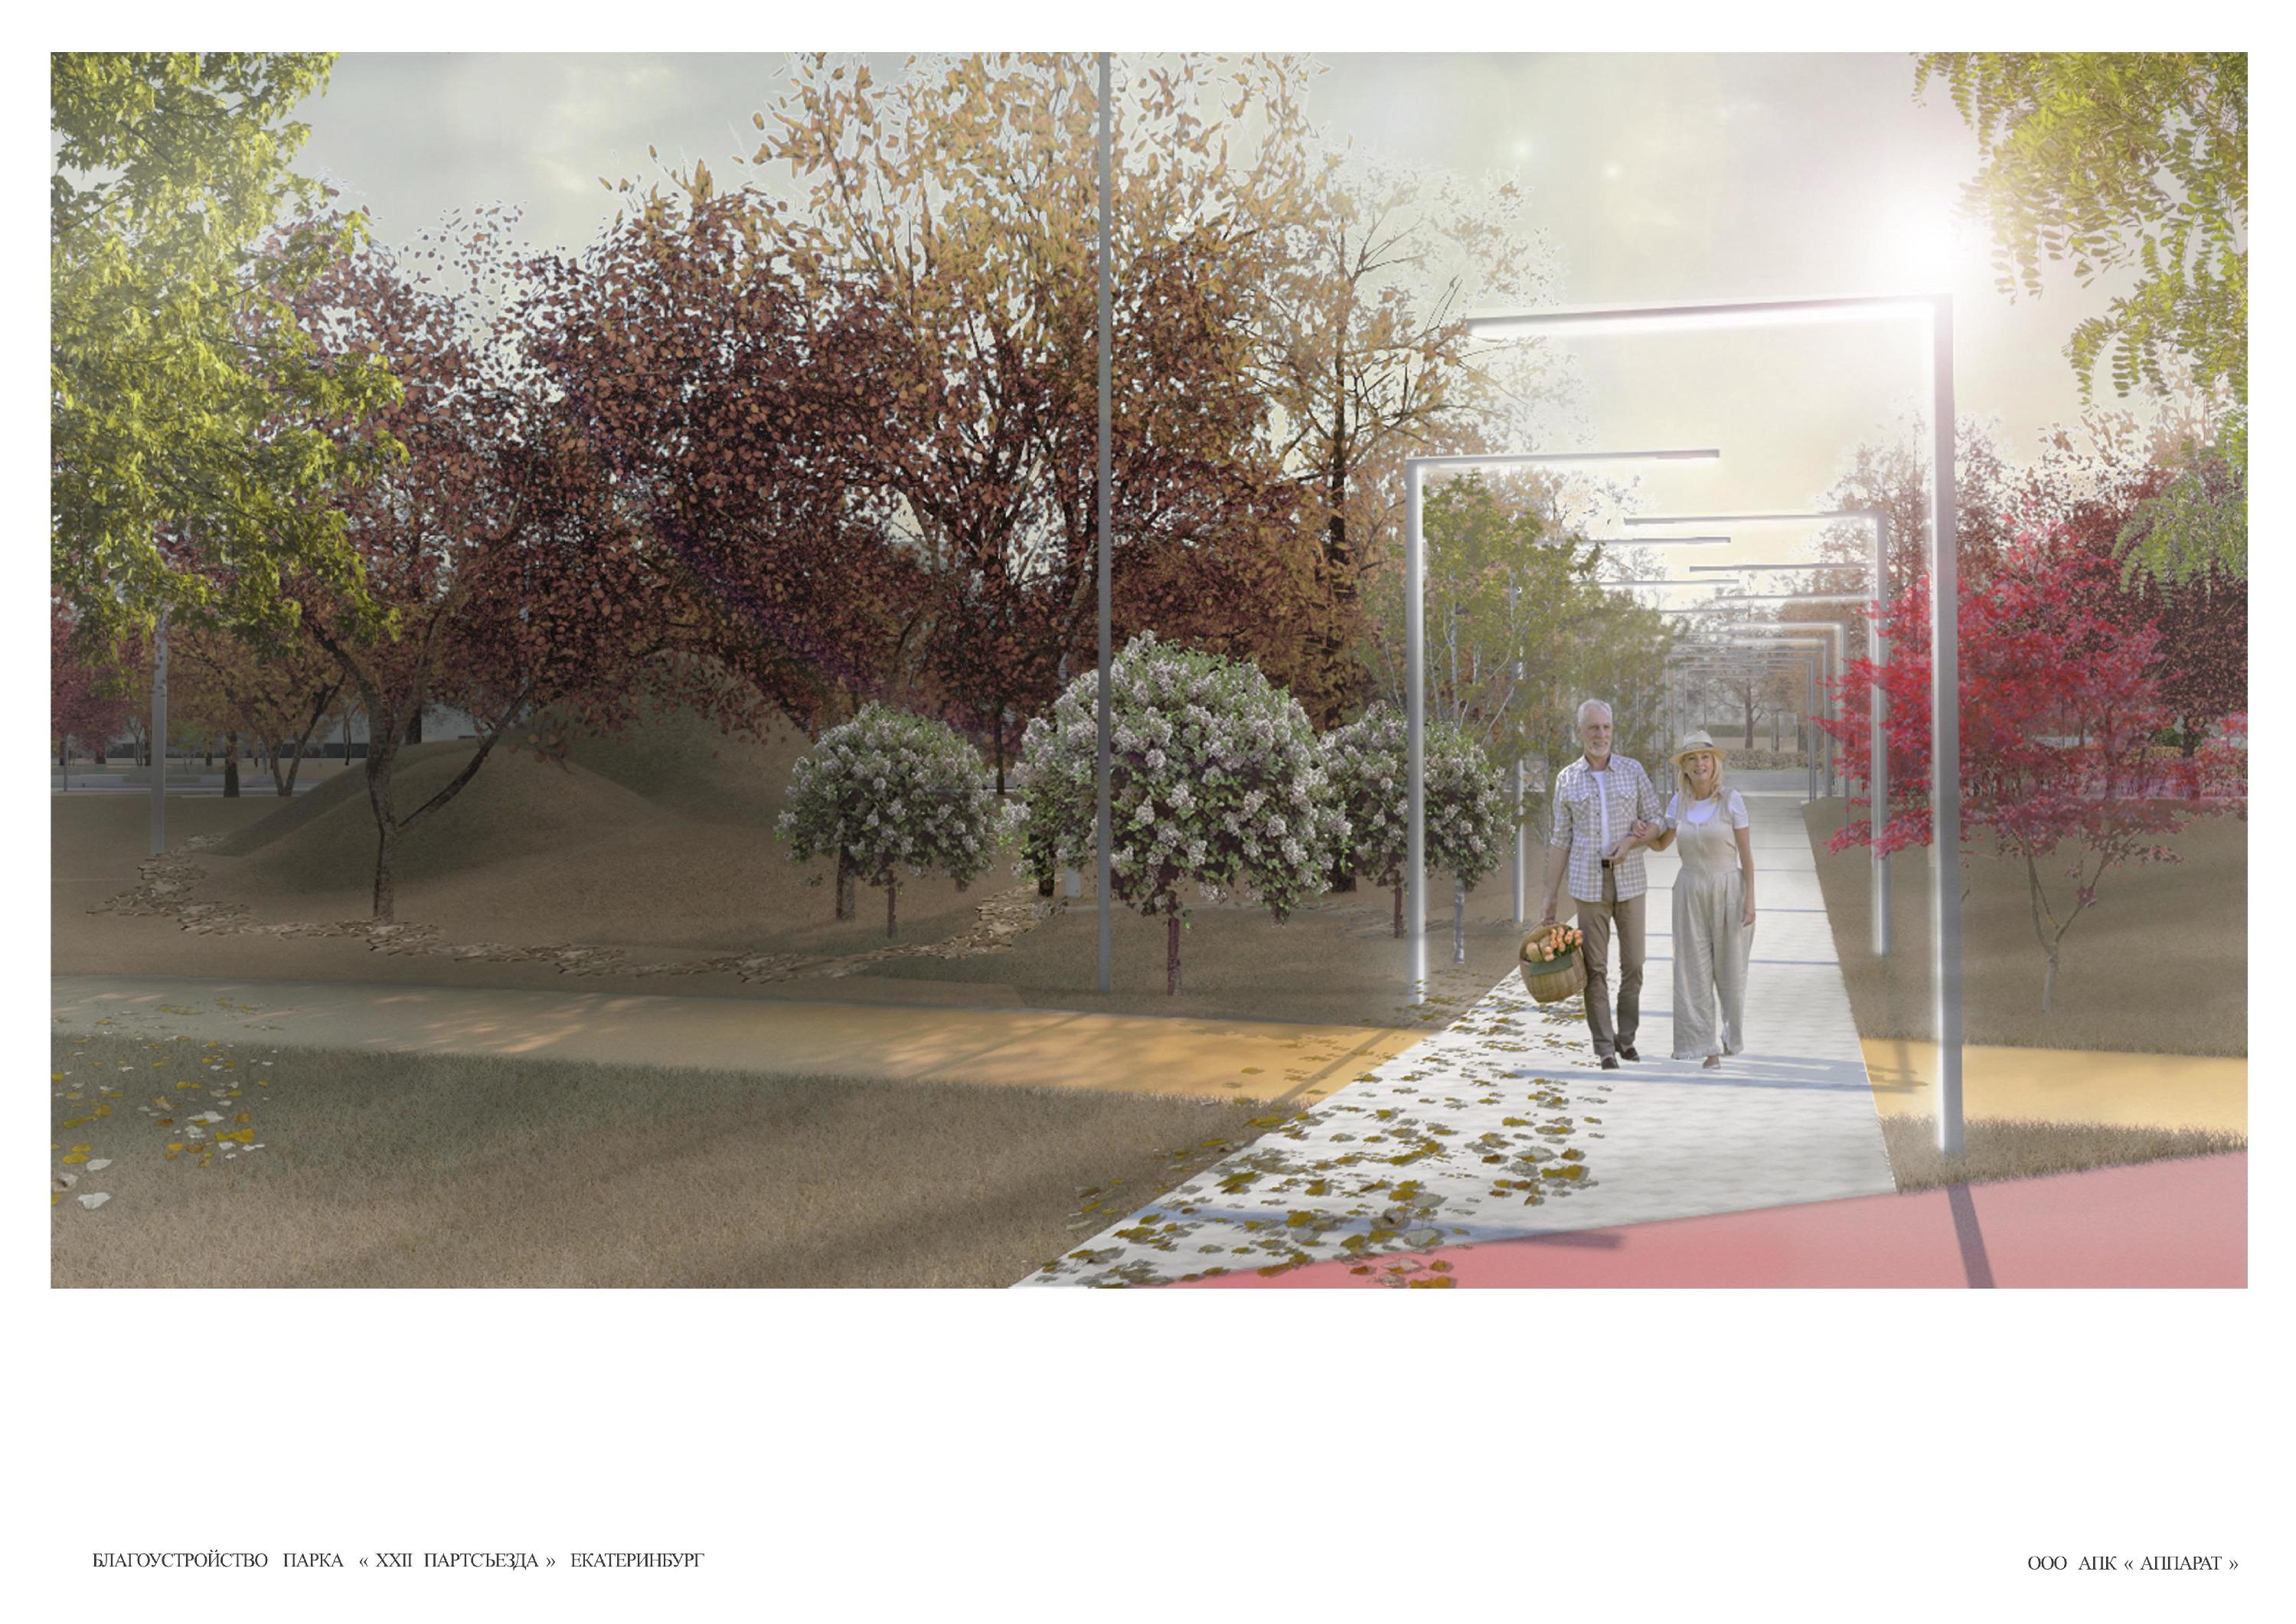 Слева — искусственные горки, тропинка с такими фонарями соединит главную аллею и переулок Гаринский